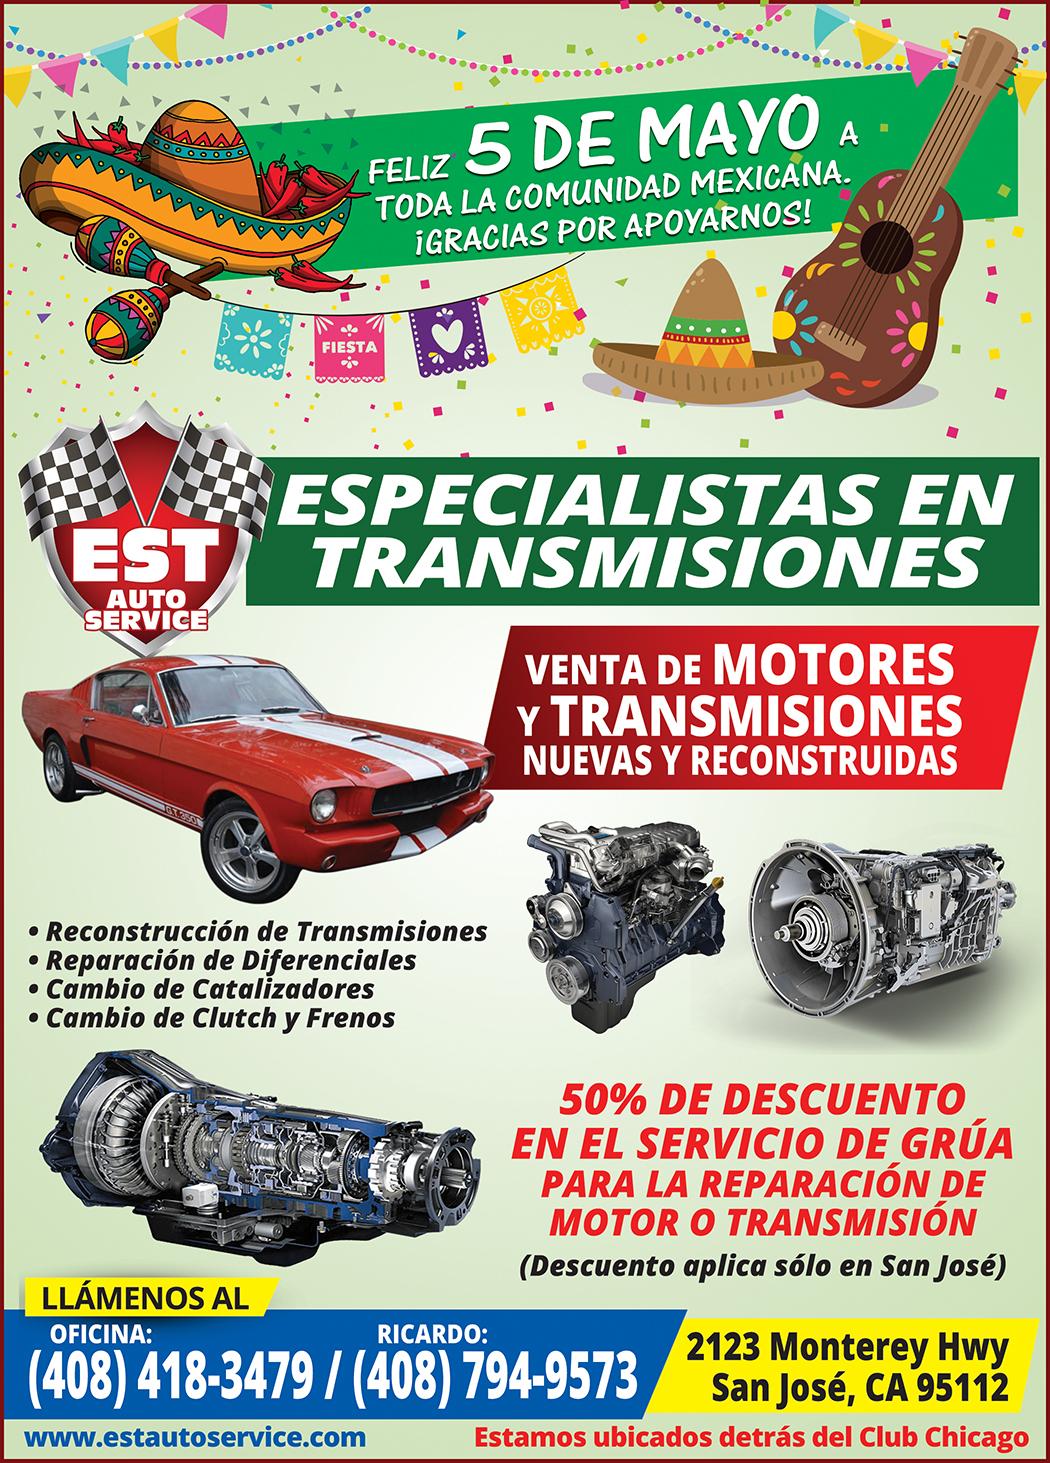 EST Auto Services 1 Pag - MAYO 2019 copy.jpg